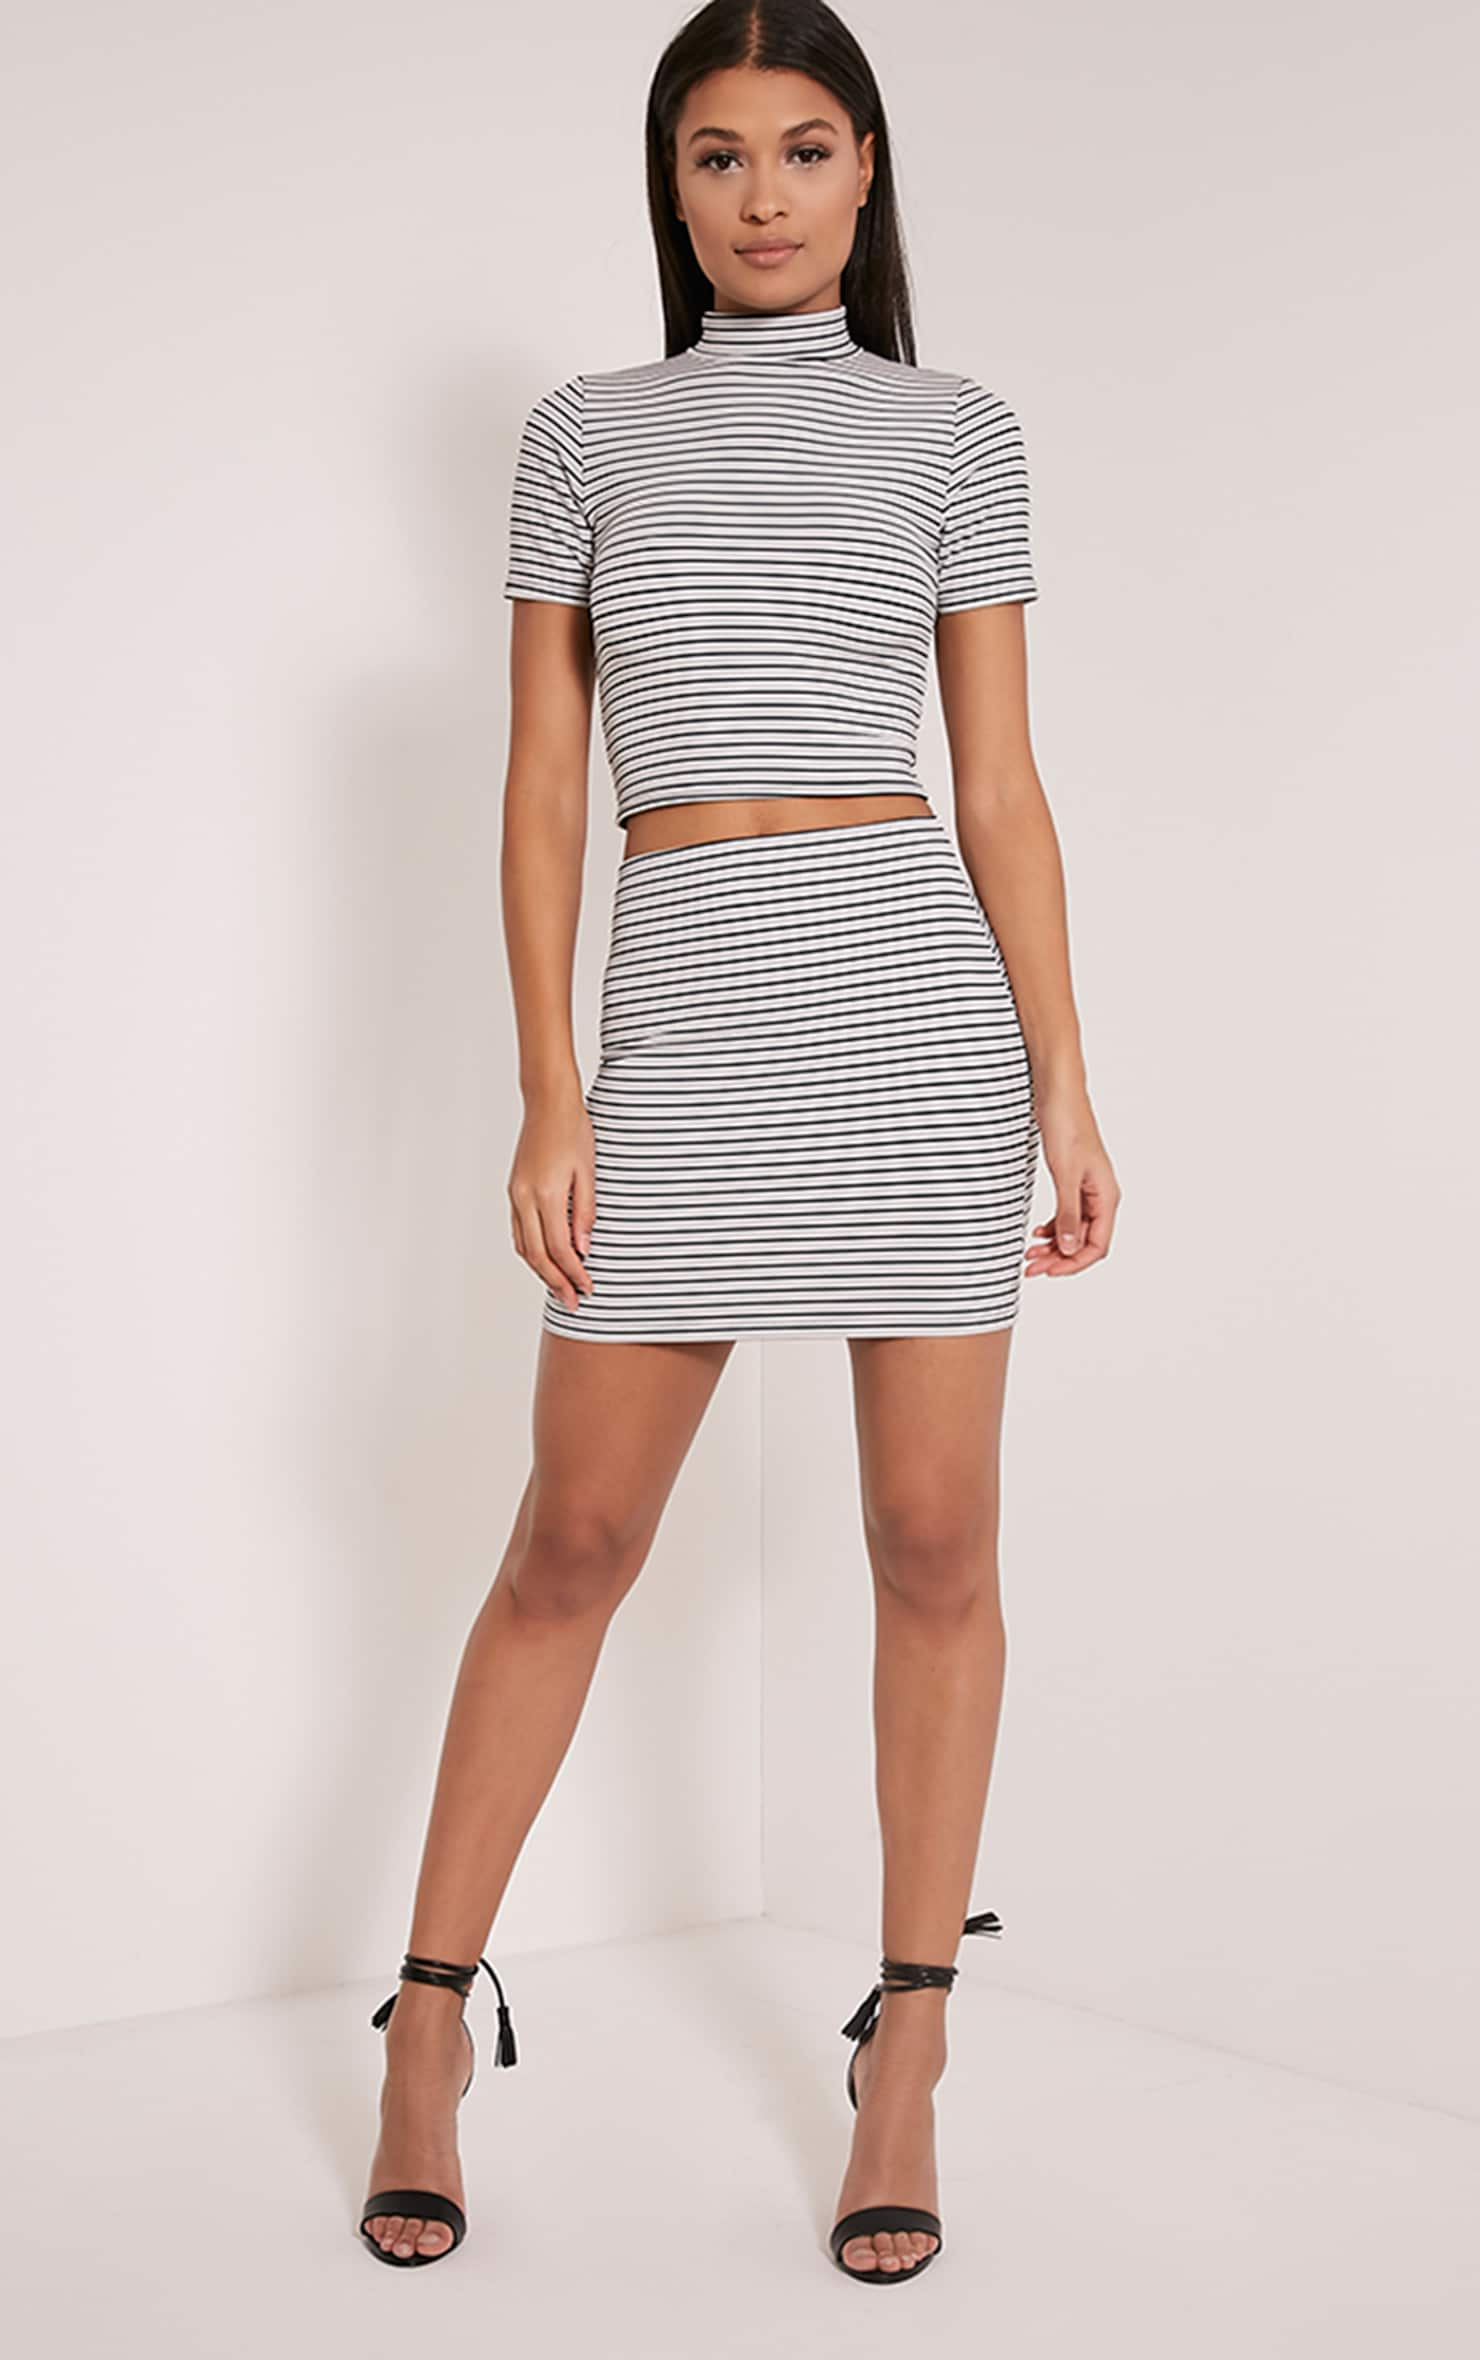 Leoni White Stripe Crop Top 5